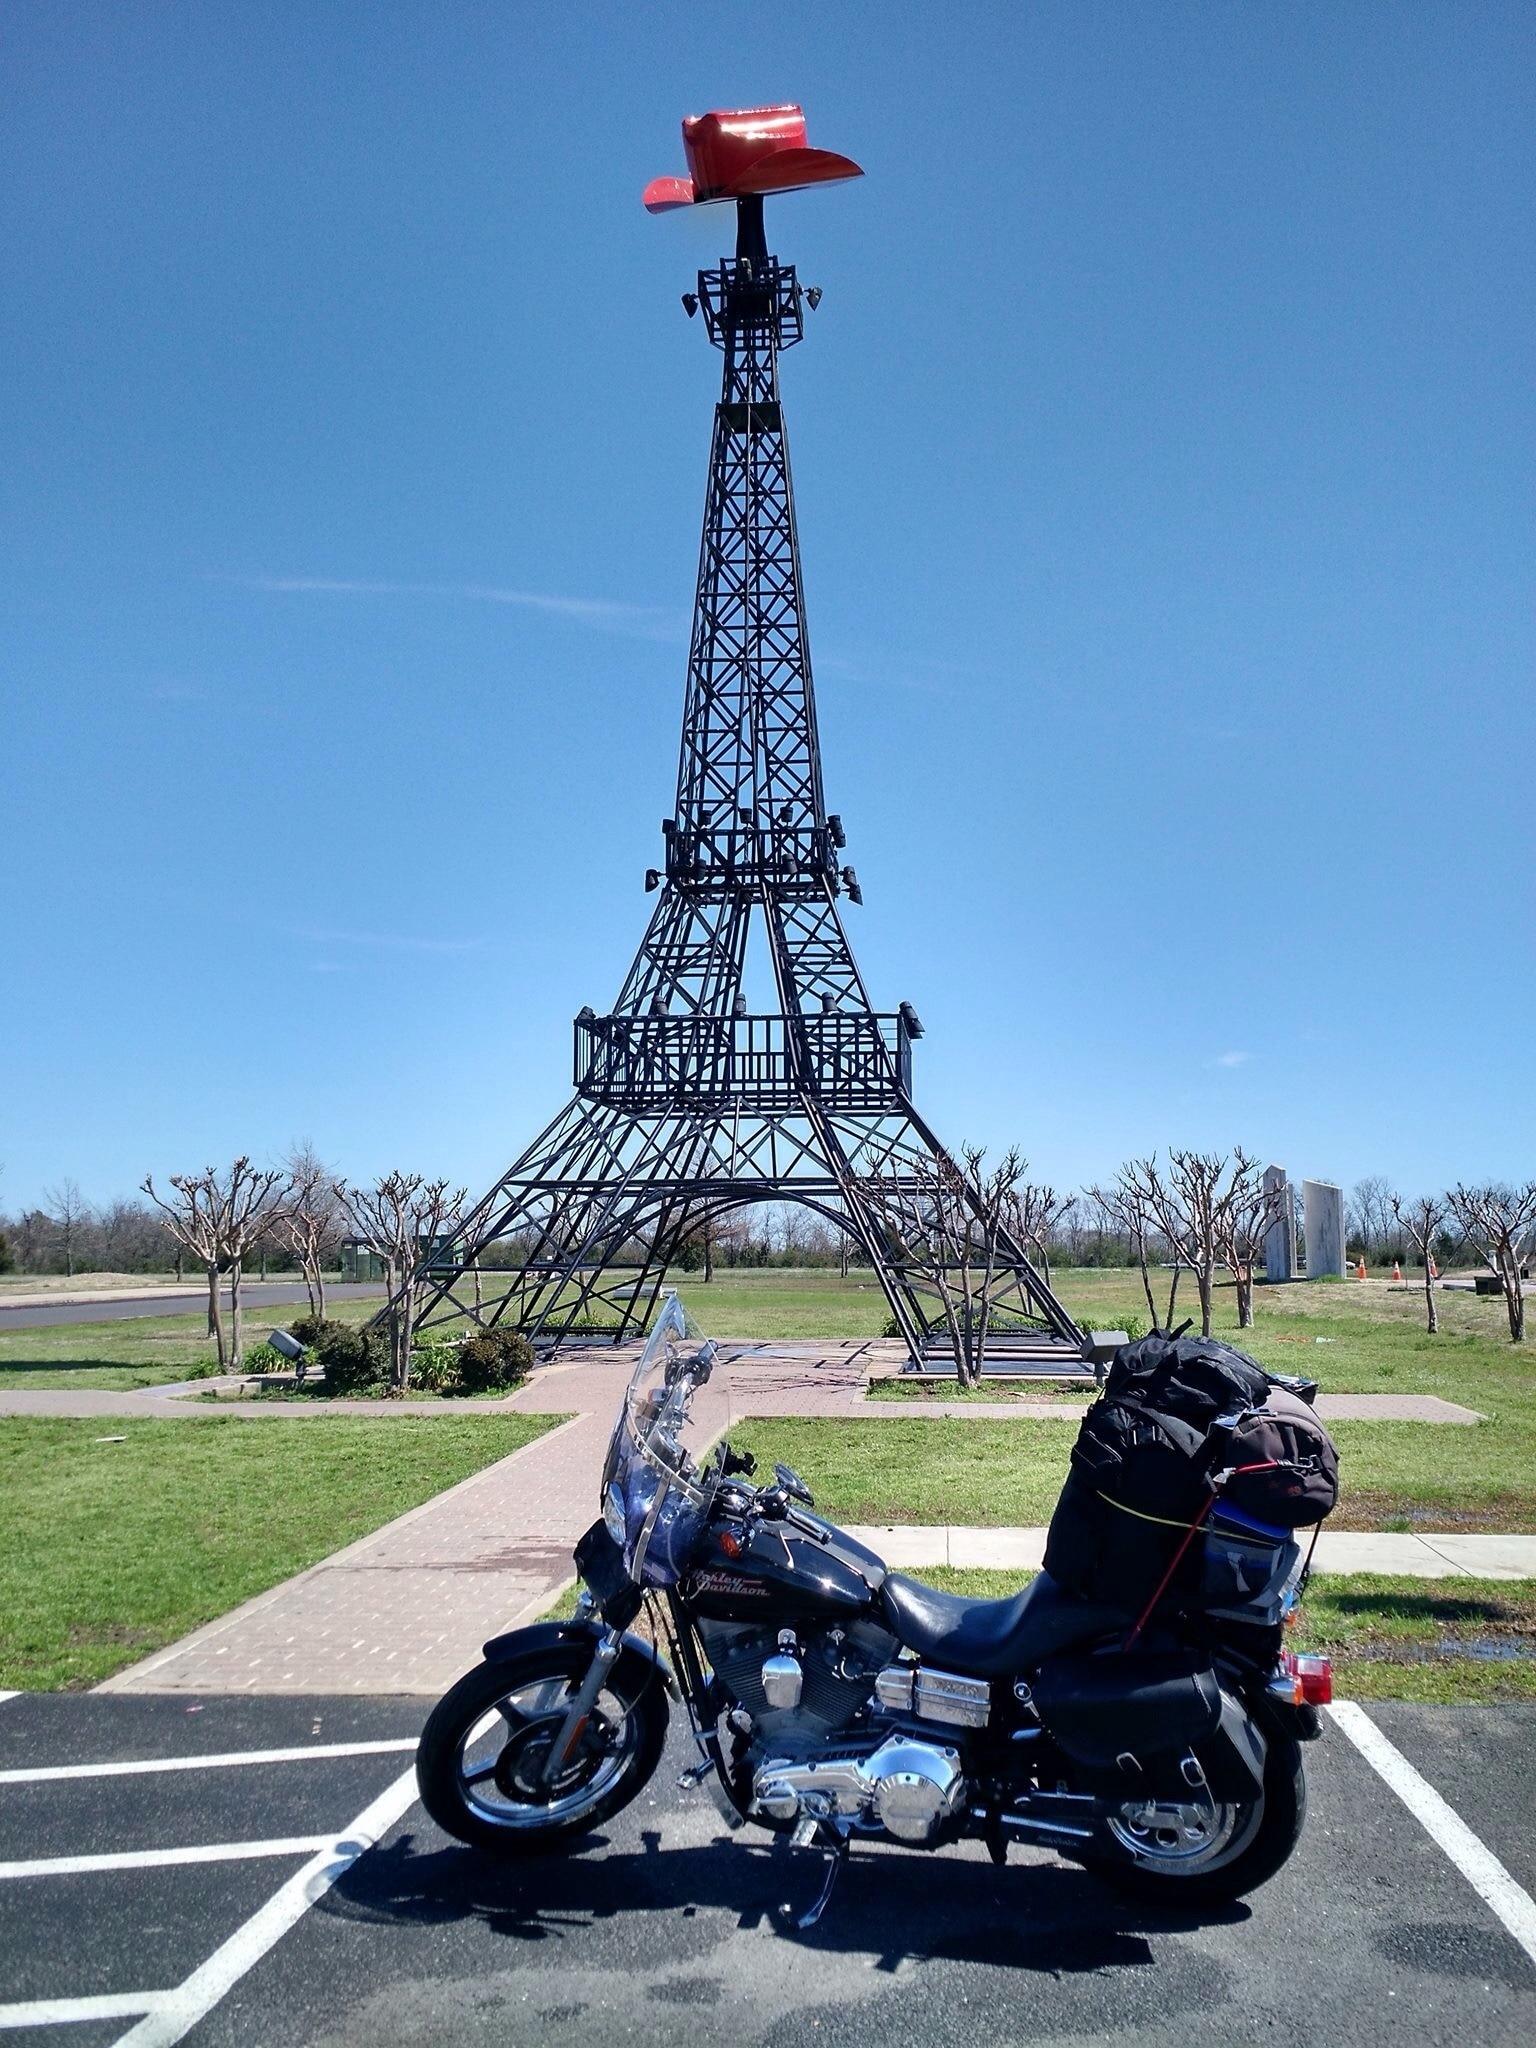 Paris, Texas, USA